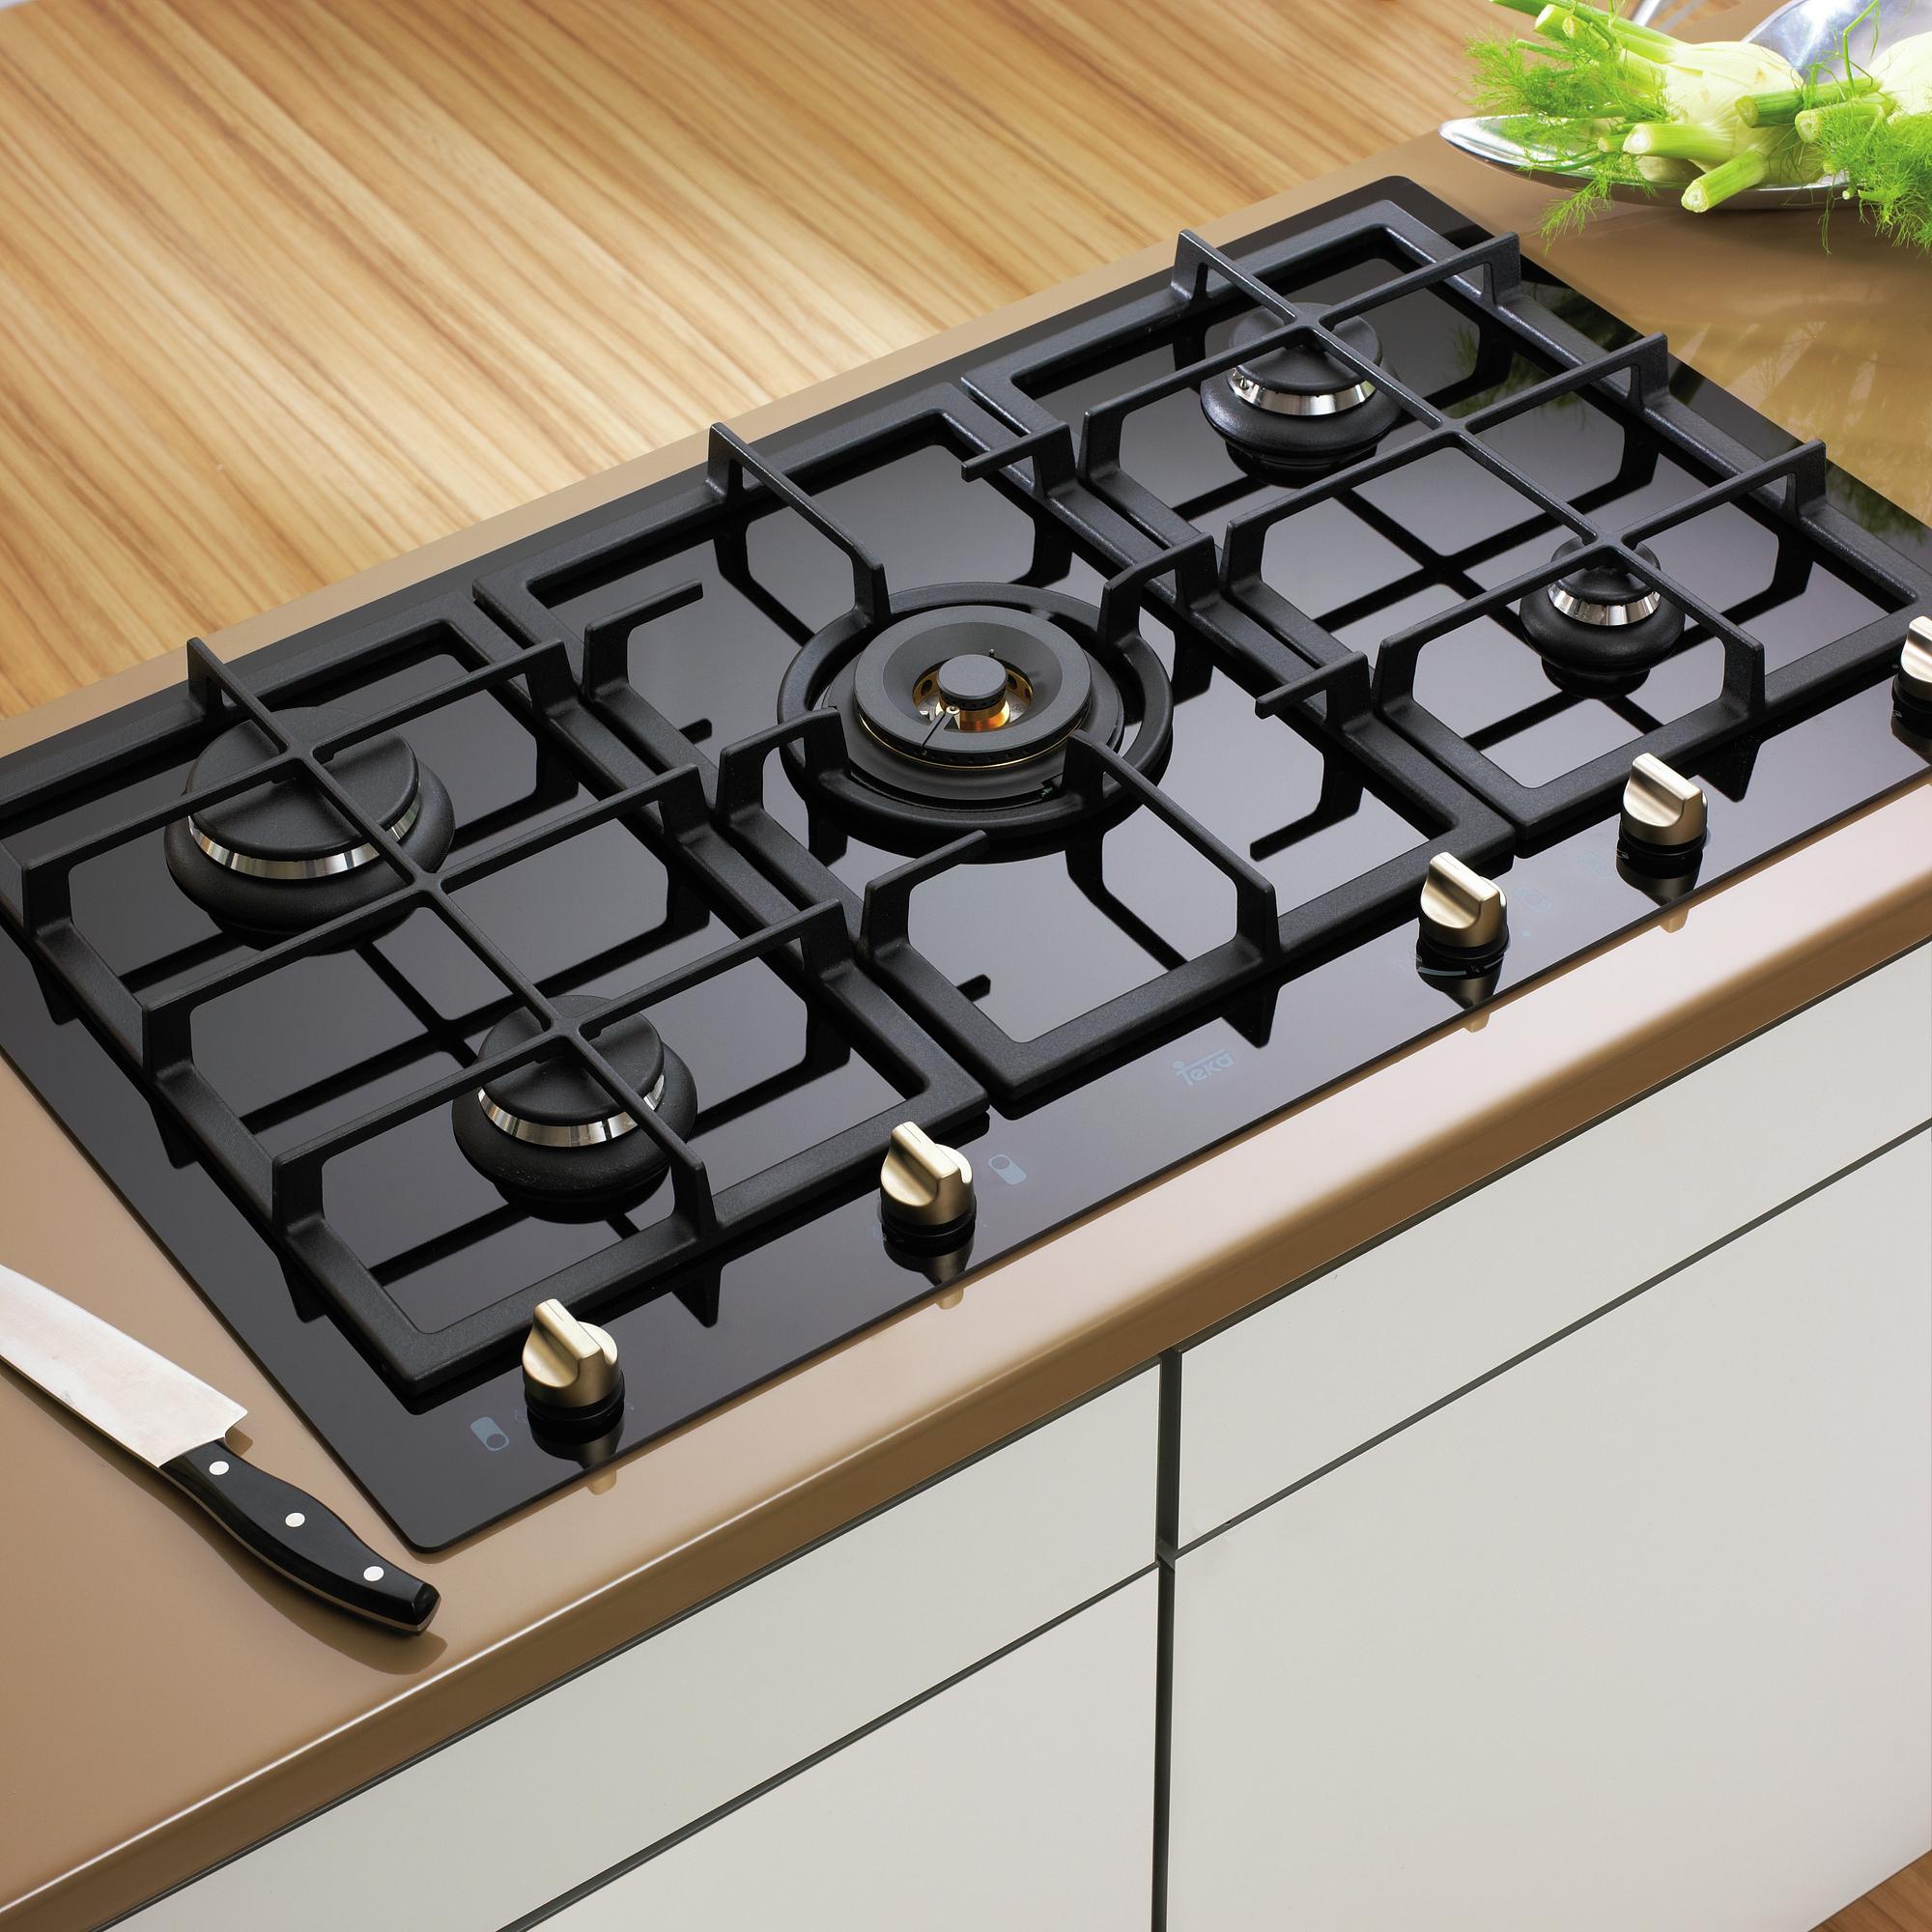 Galer a de materiales cocinas encimeras 7 - Nuevos materiales para encimeras de cocina ...